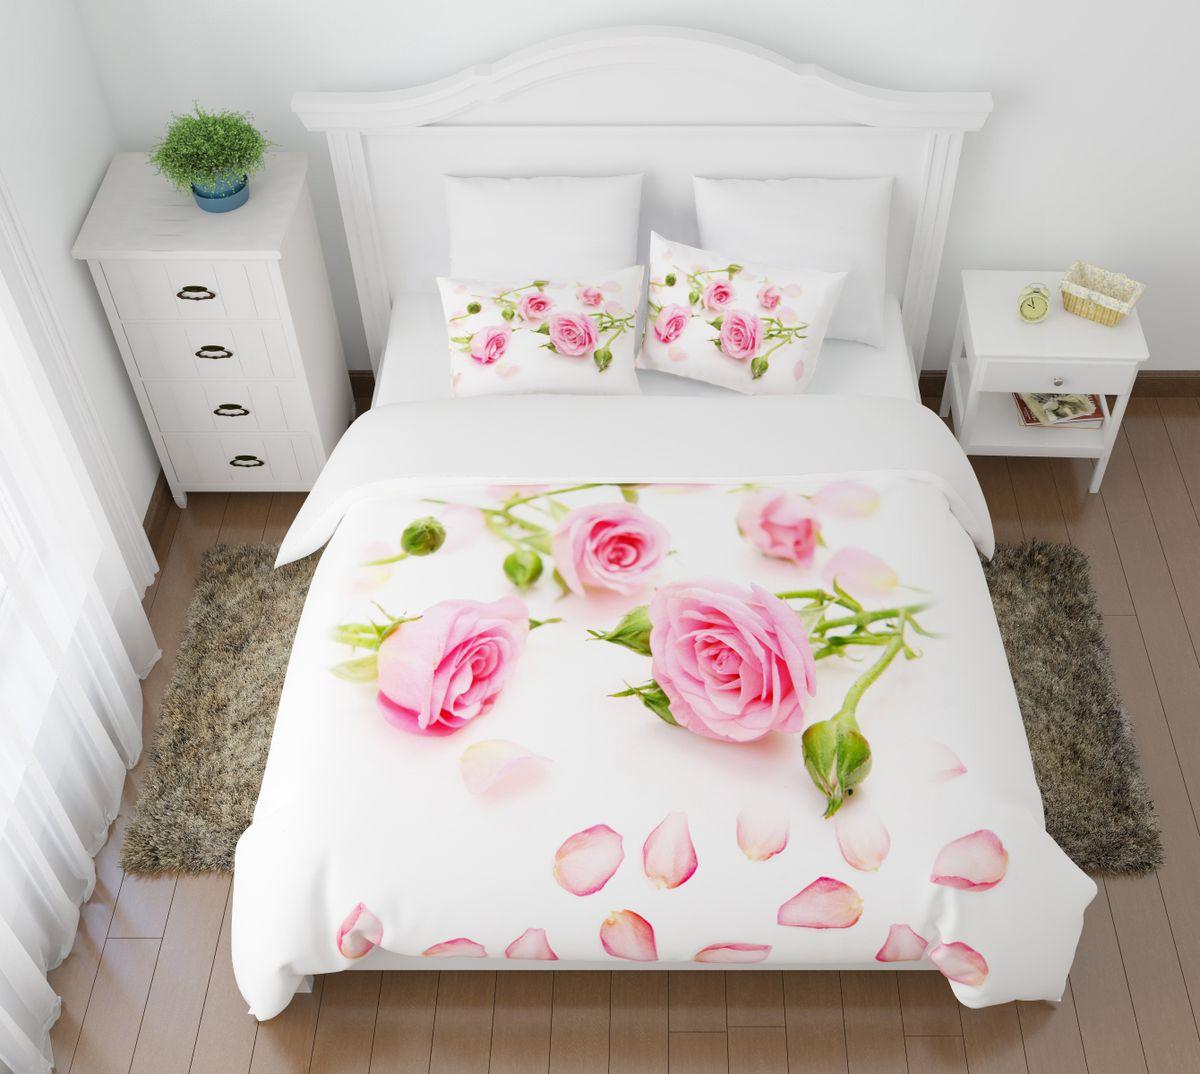 Комплект белья Сирень Лепестки роз, евро, наволочки 50x70, 70х70391602Комплект постельного белья Сирень выполнен из прочной и мягкой ткани. Четкий и стильный рисунок в сочетании с насыщенными красками делают комплект постельного белья неповторимой изюминкой любого интерьера.Постельное белье идеально подойдет для подарка. Идеальное соотношение смешенной ткани и гипоаллергенных красок - это гарантия здорового, спокойного сна. Ткань хорошо впитывает влагу, надолго сохраняет яркость красок.В комплект входят: простынь, пододеяльник, четыре наволочки. Постельное белье легко стирать при 30-40°С, гладить при 150°С, не отбеливать. Рекомендуется перед первым использованием постирать.УВАЖАЕМЫЕ КЛИЕНТЫ! Обращаем ваше внимание, что цвет простыни, пододеяльника, наволочки в комплектации может немного отличаться от представленного на фото.